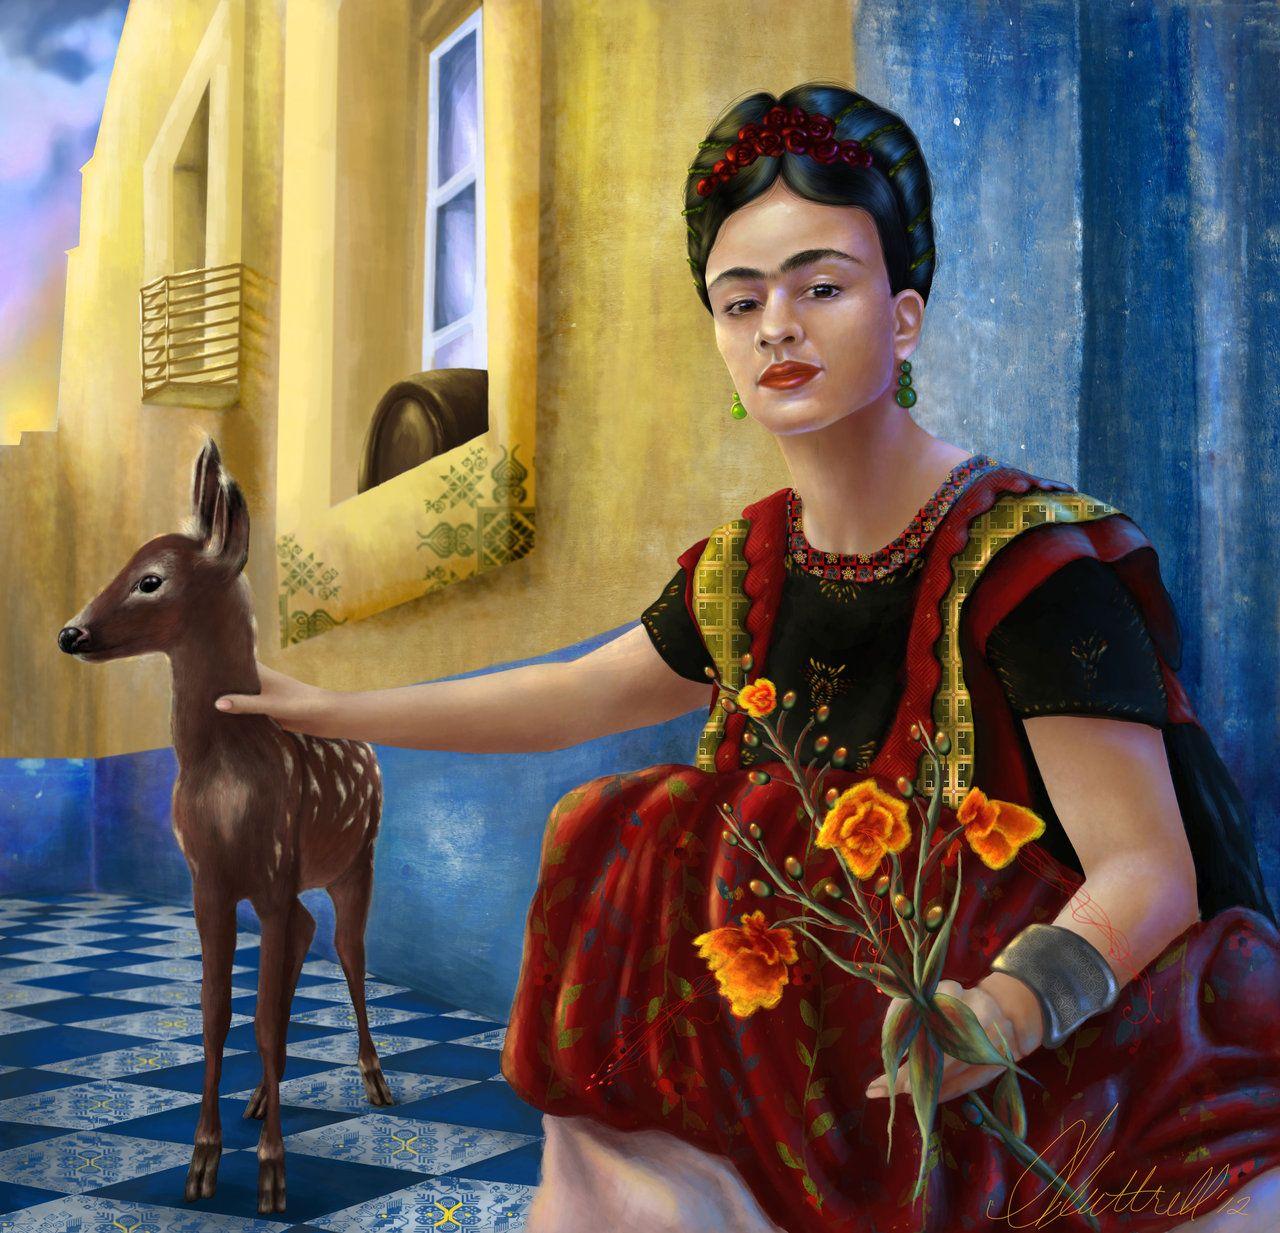 frida kahlo artwork and meaning frida kahlo paintings. Black Bedroom Furniture Sets. Home Design Ideas